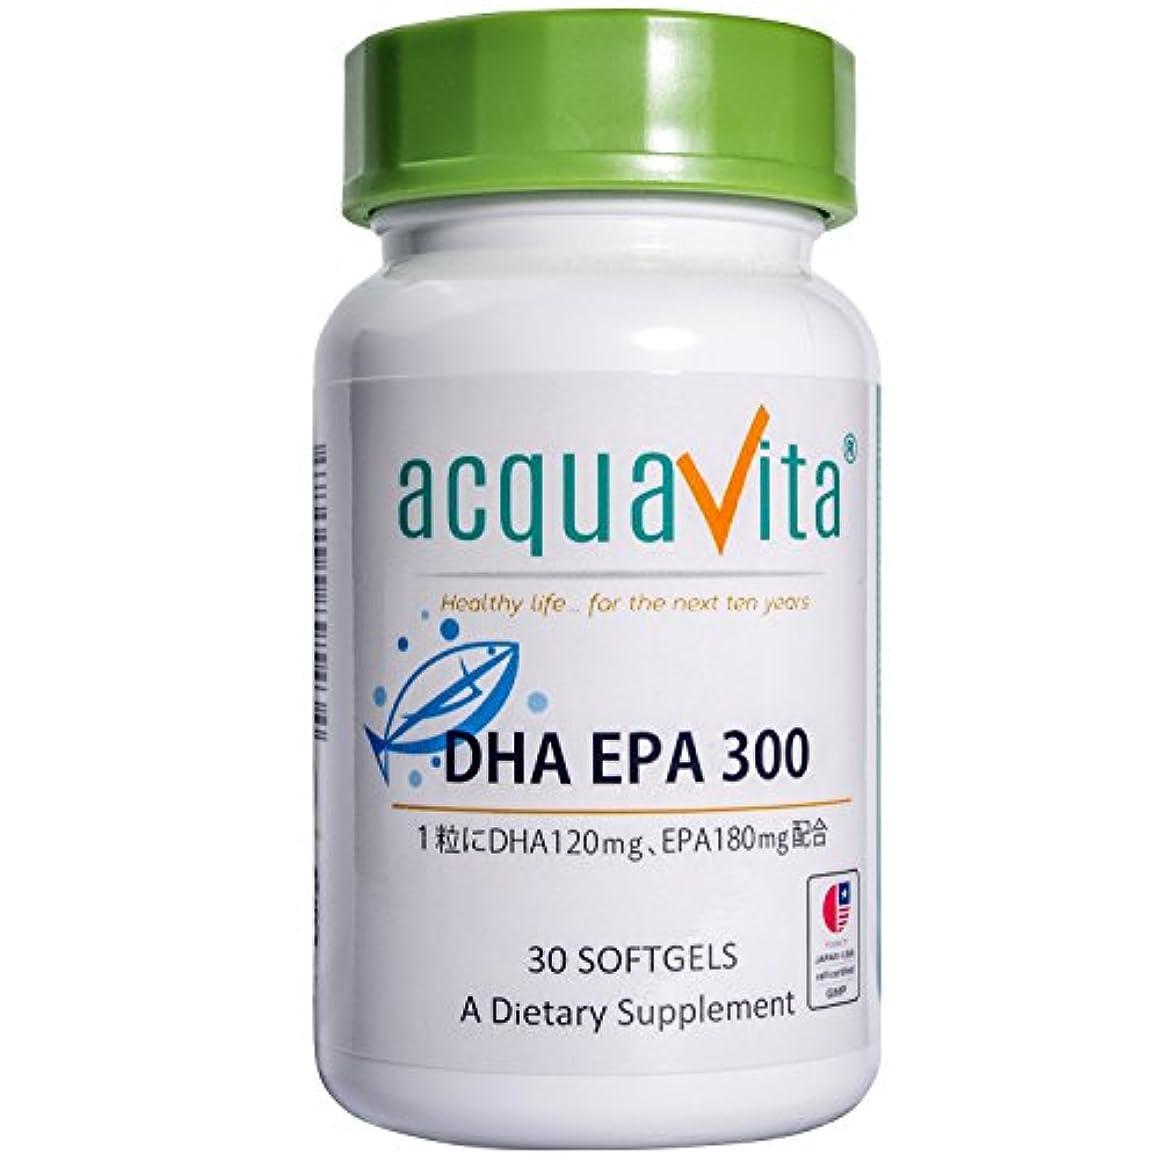 リンス発行観察するacquavita(アクアヴィータ)DHA EPA300 30粒